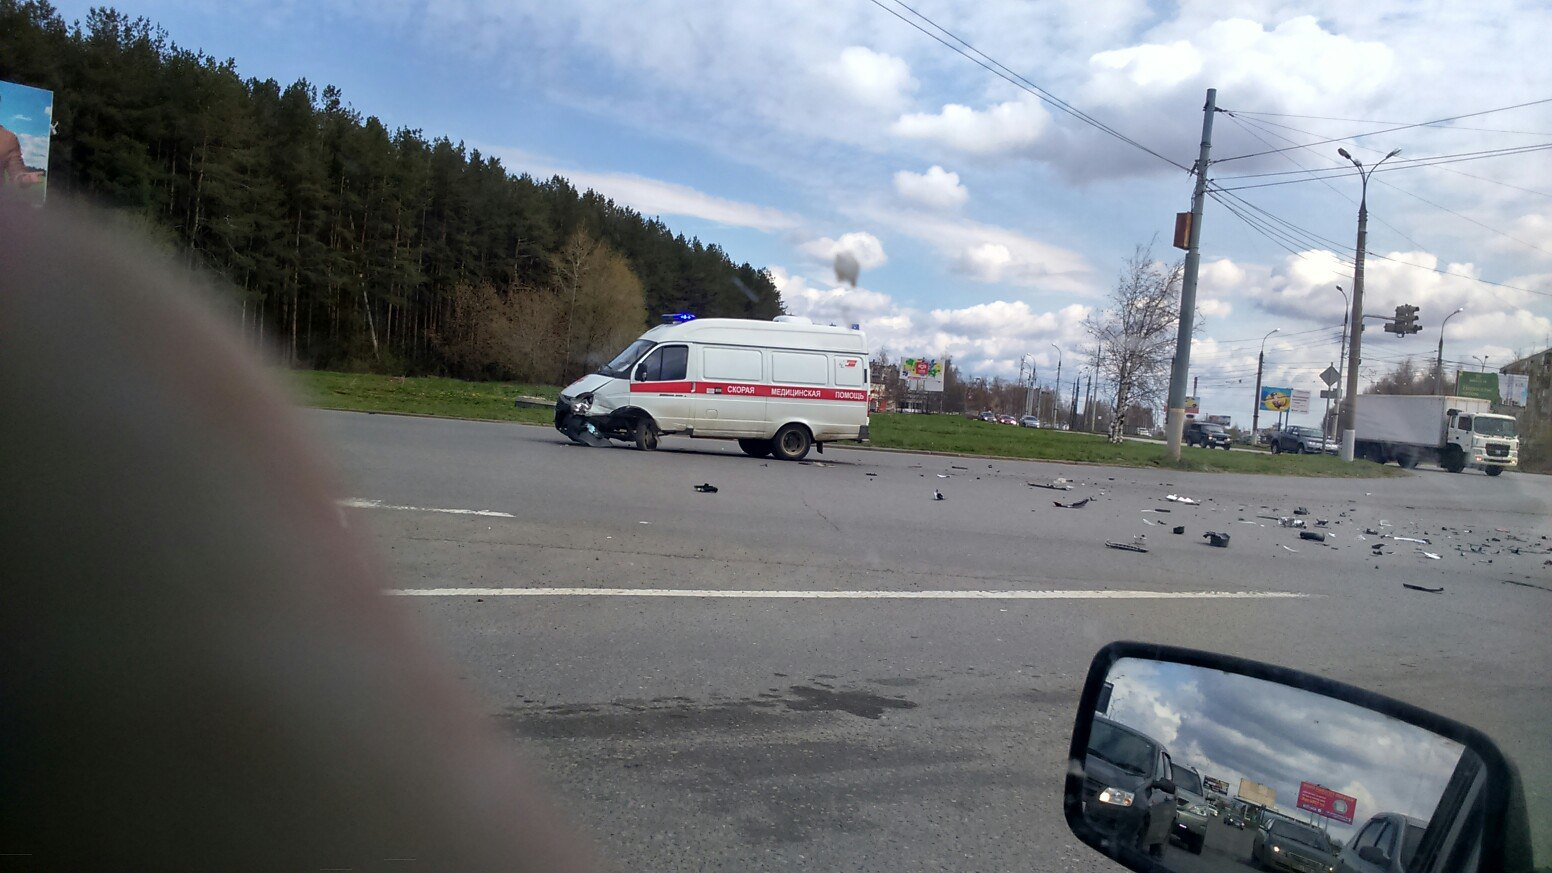 ВИжевске иностранная машина врезалась в«скорую»